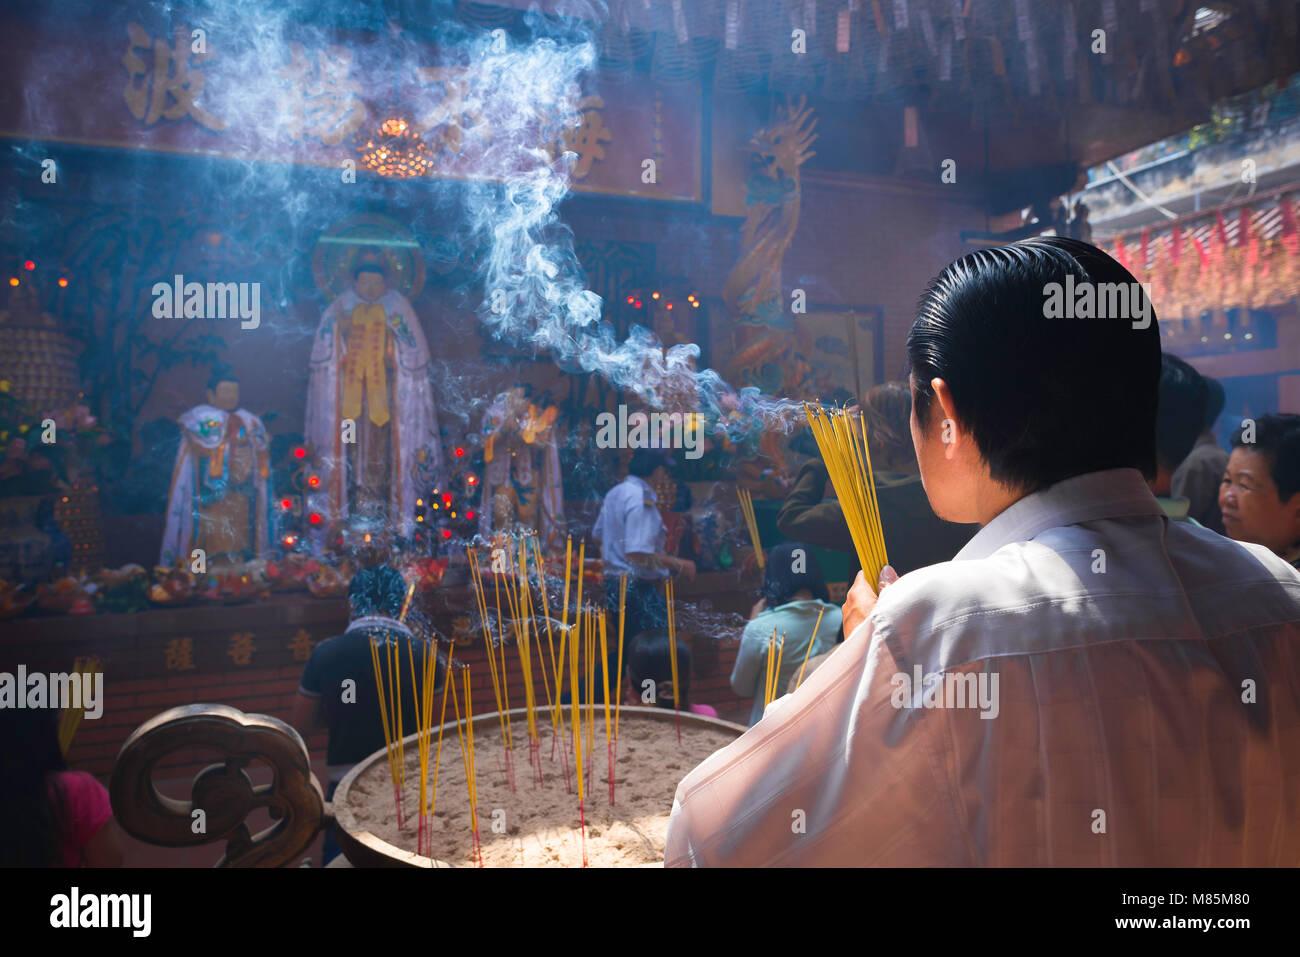 Mann Gebet Südostasien, Ansicht von hinten von einem Mann in der Quan bin Pagode beten - Tempel in Cholon Bereich Stockbild